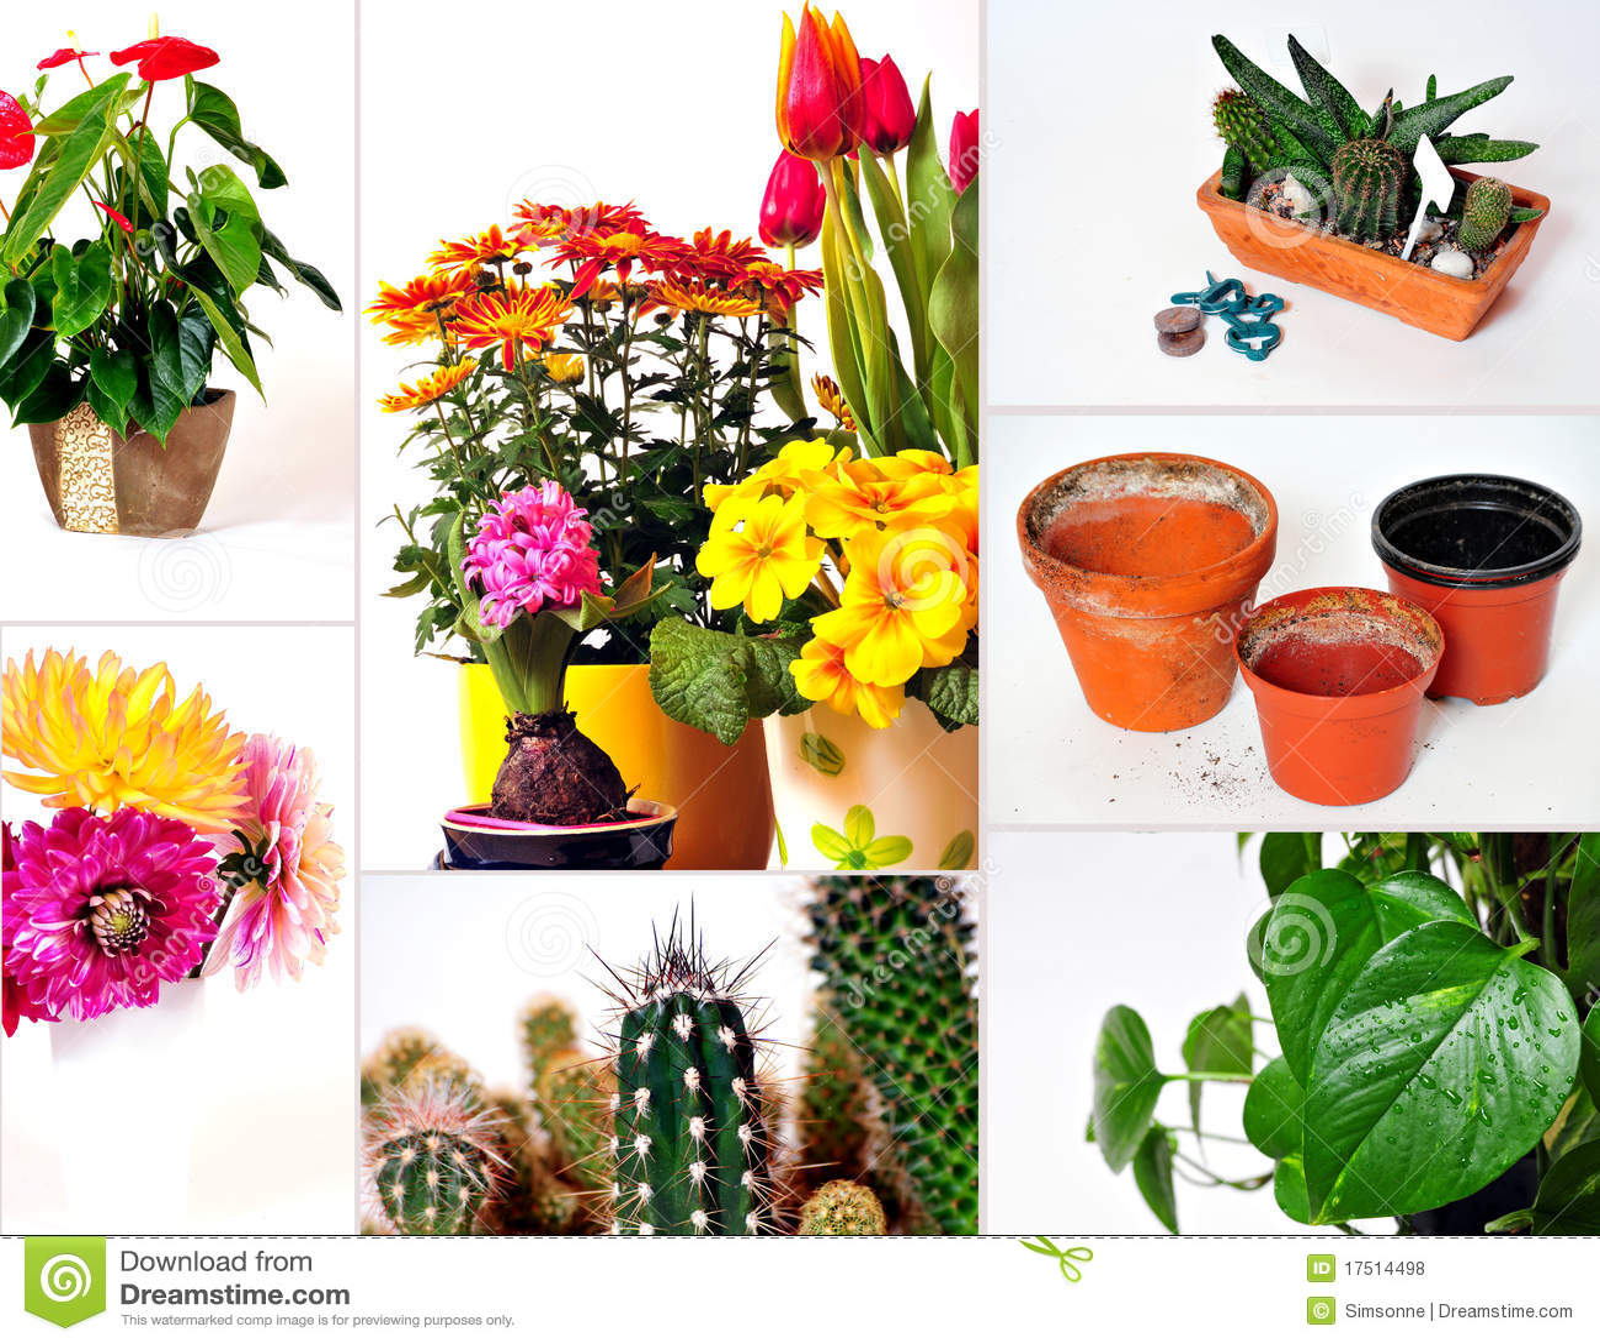 plantas jardim fotos:Mola das flores das plantas de jardim da colagem.